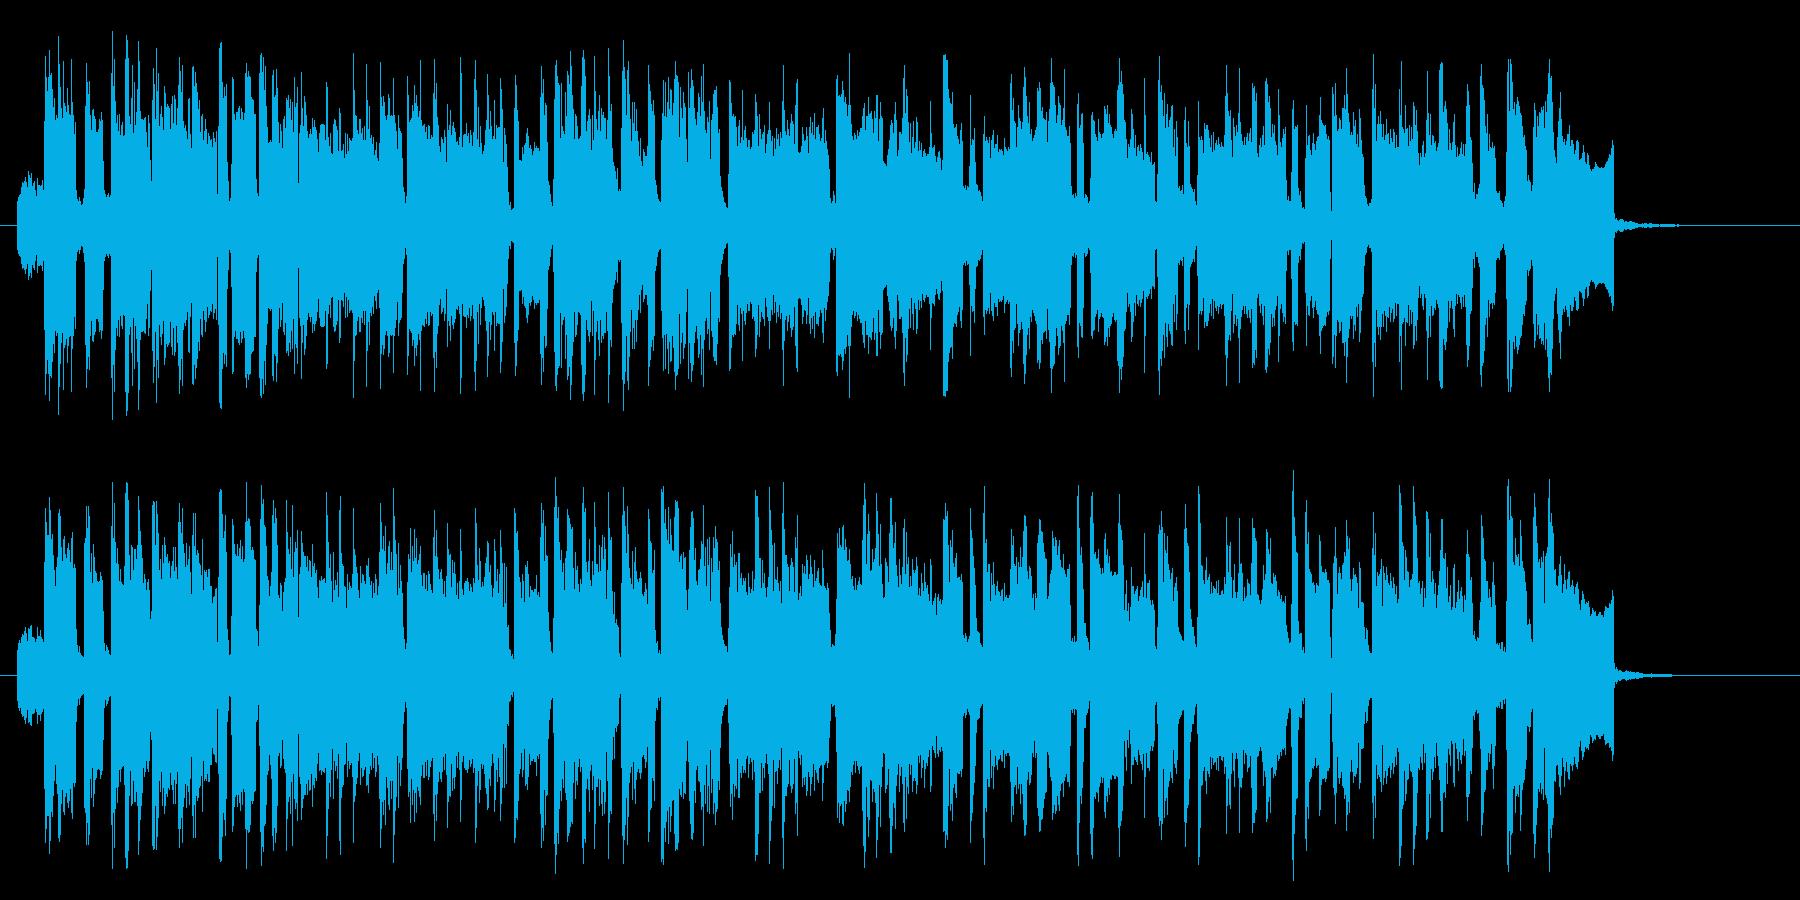 楽しげな印象のシンセポップスの再生済みの波形